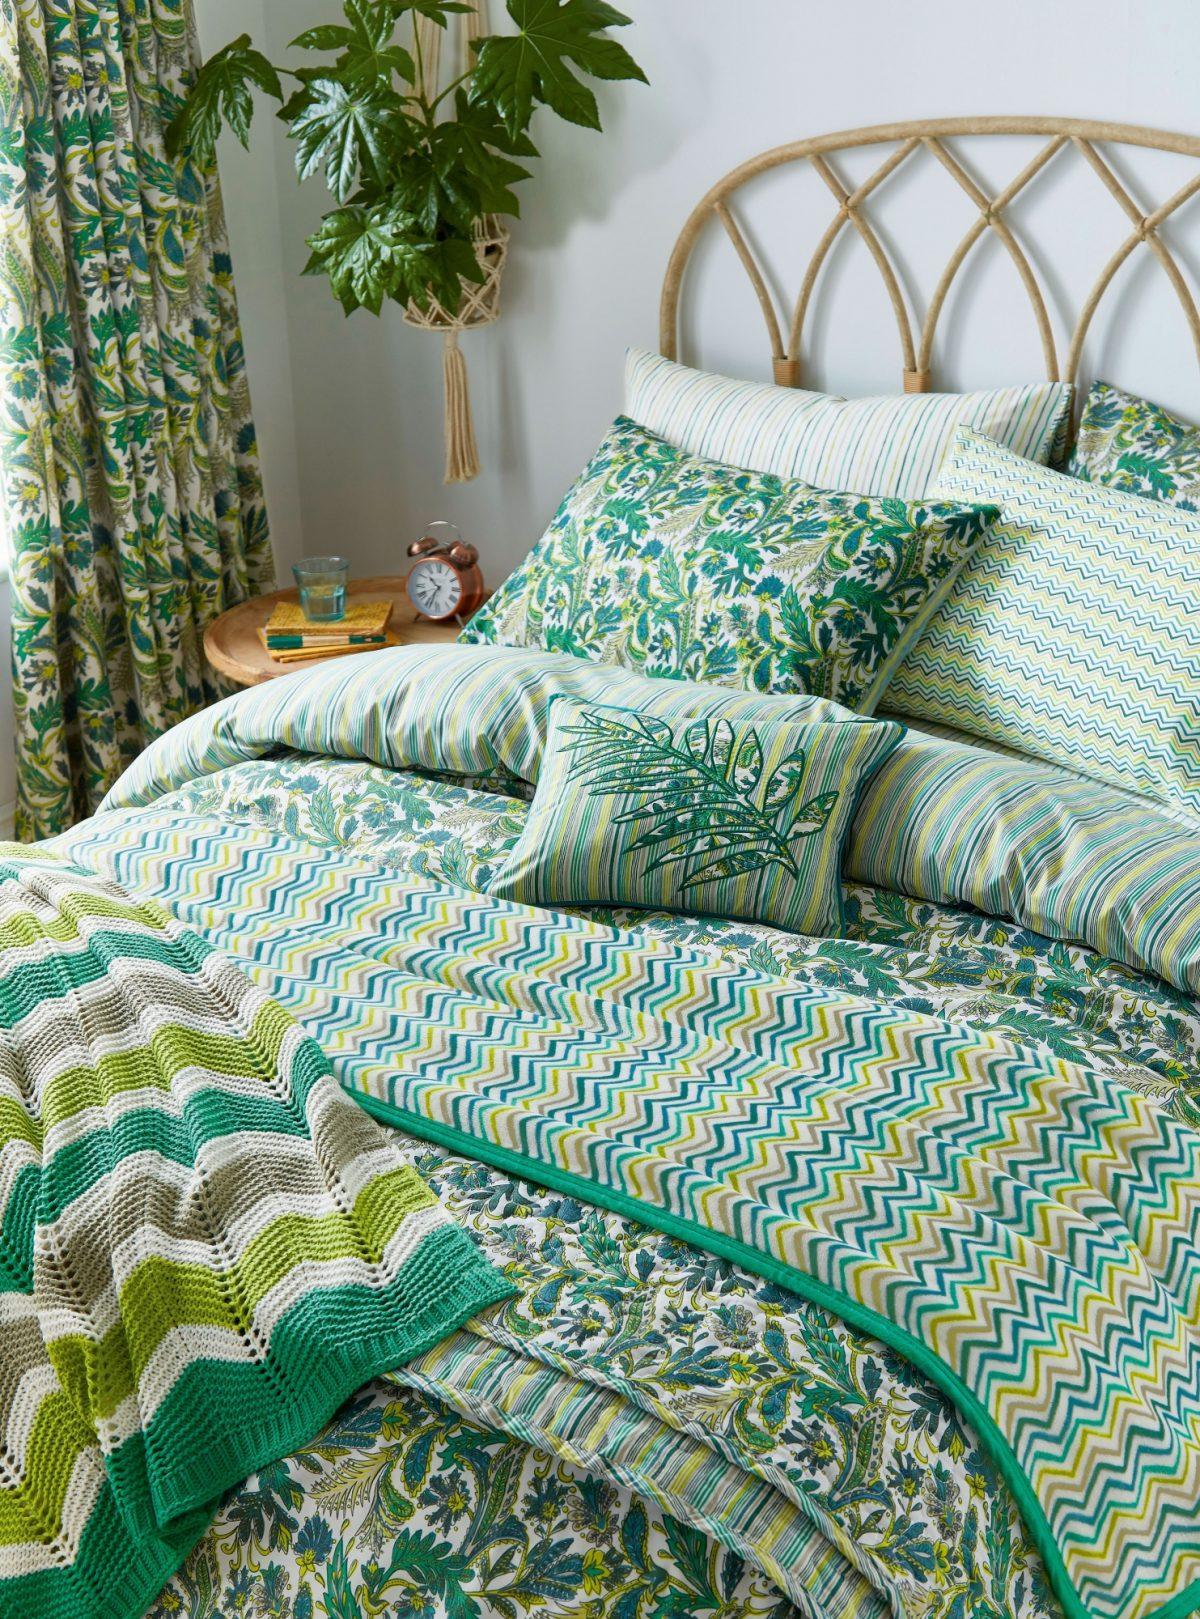 Hs Jacaranda Tropical Main Bed Hr